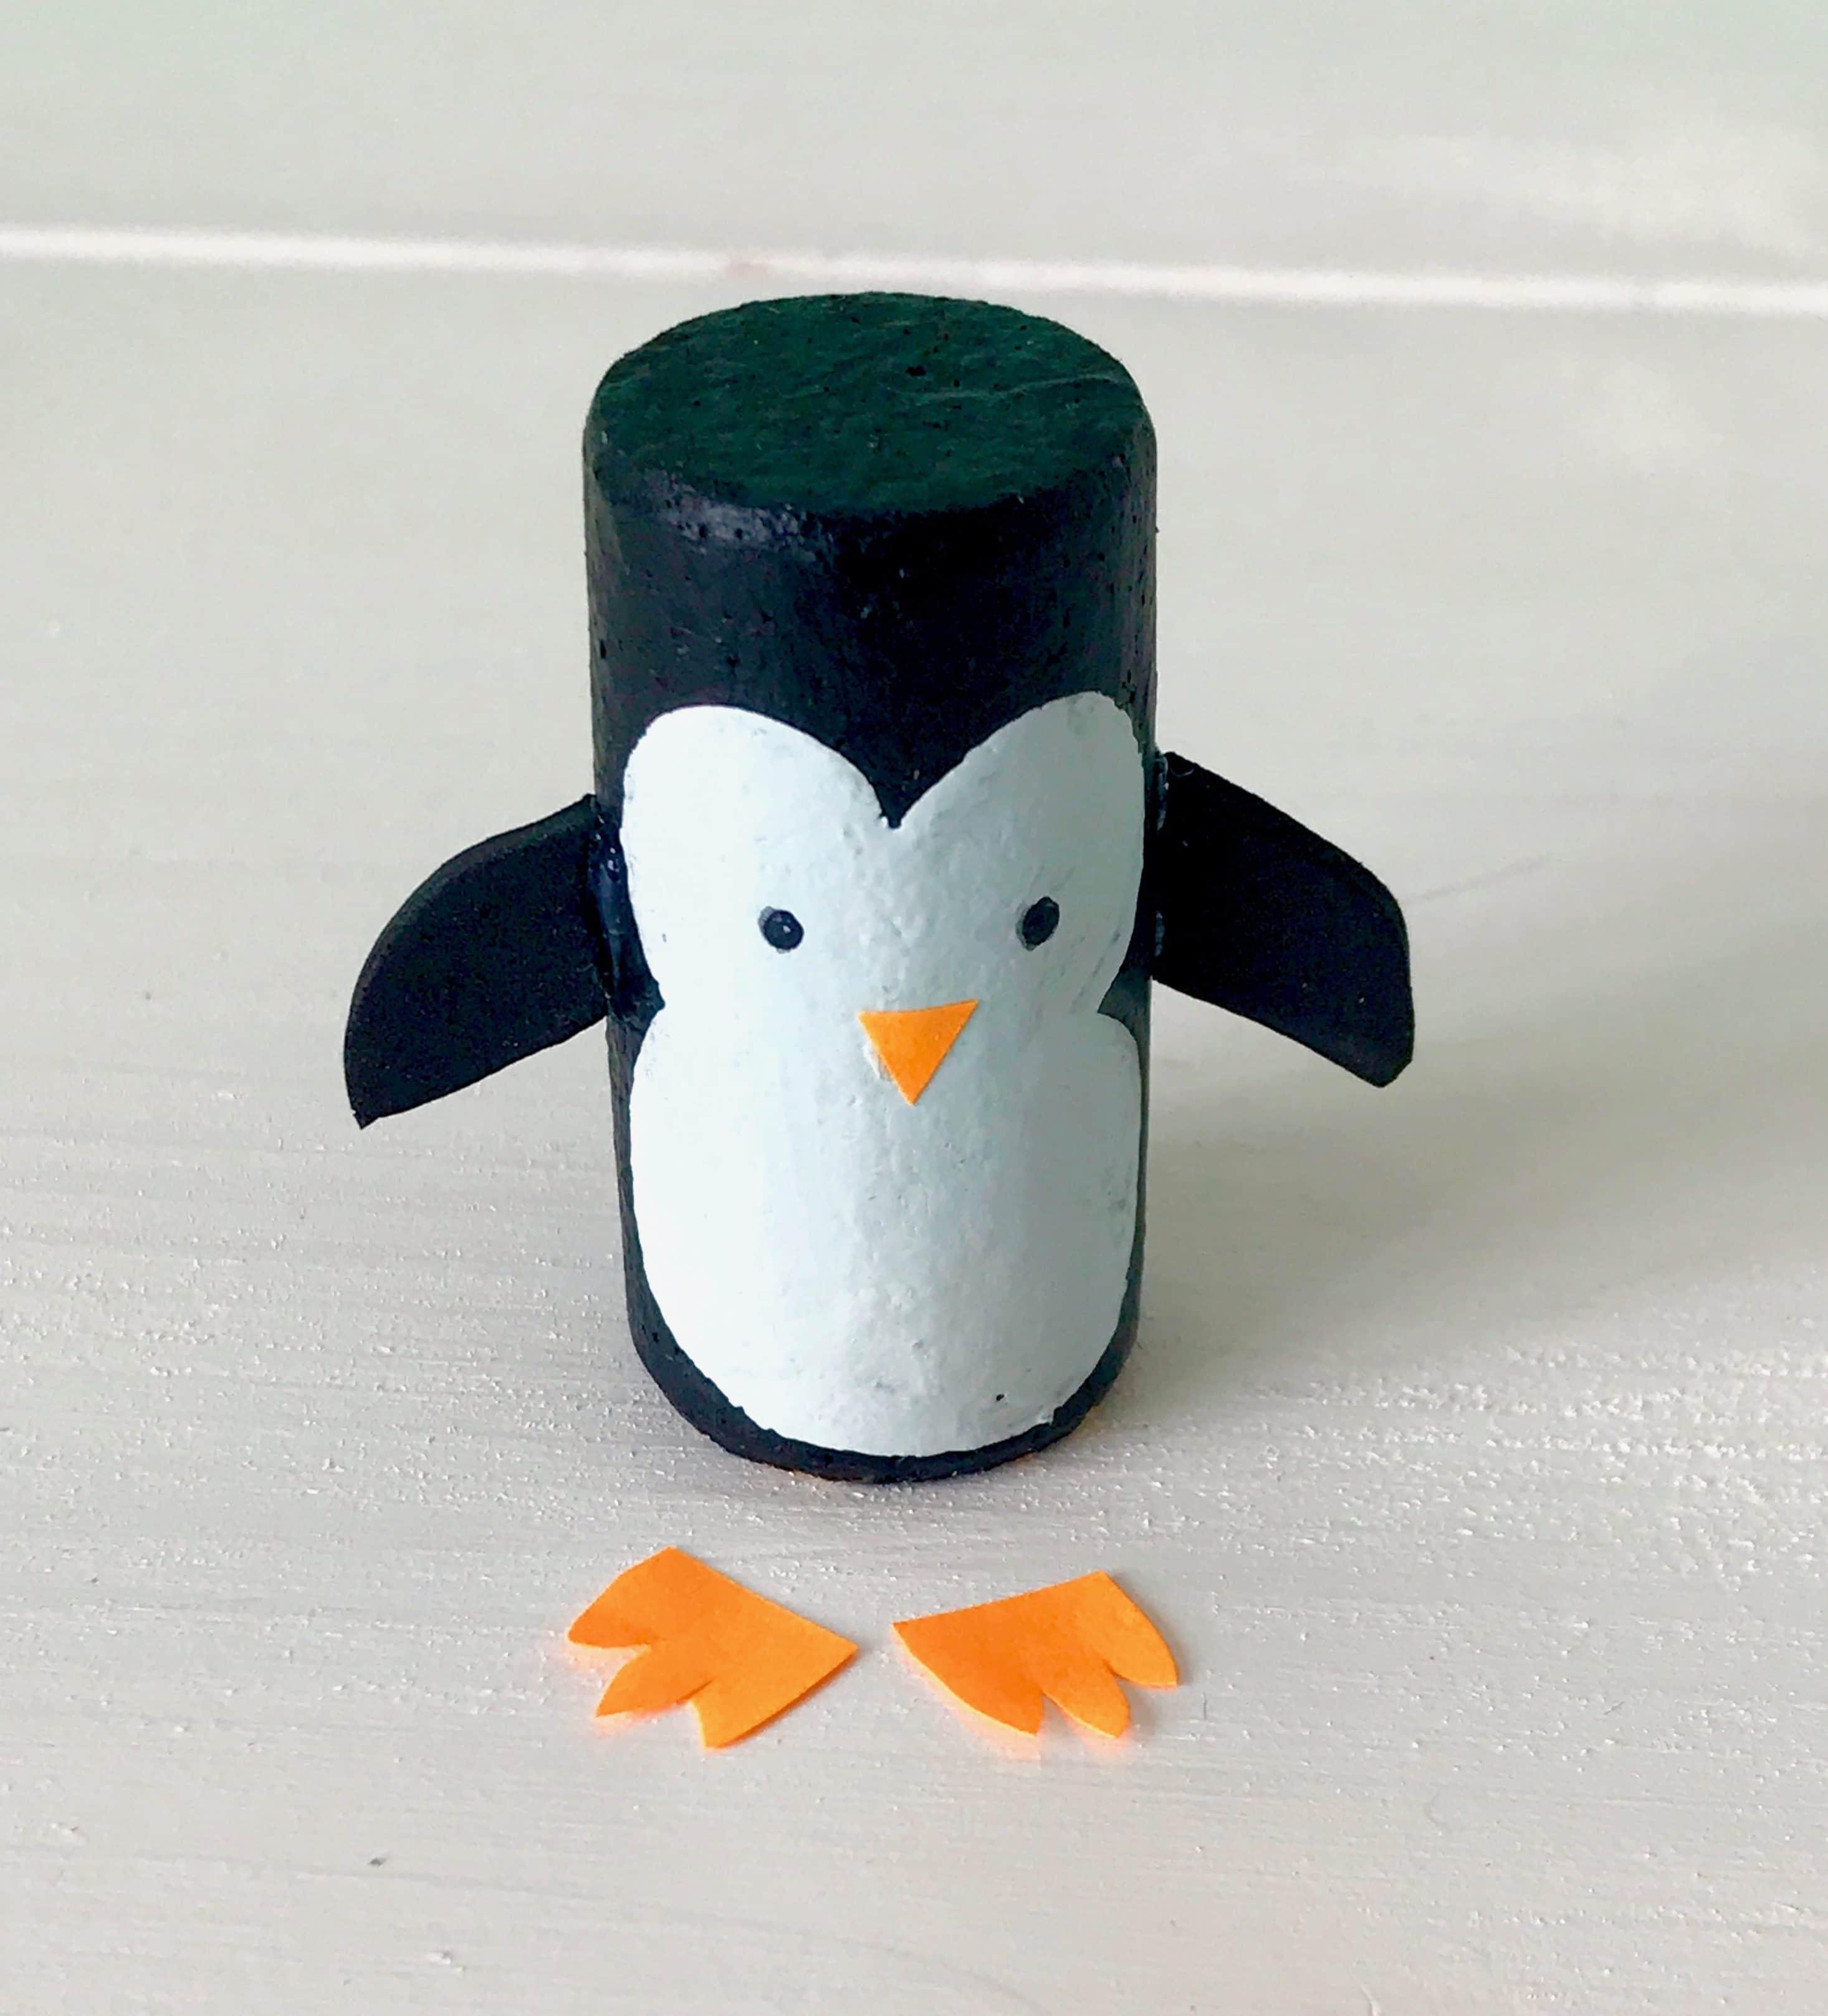 DIY Adventskranz fuer Kinder, Pinguine basteln, Upcycling